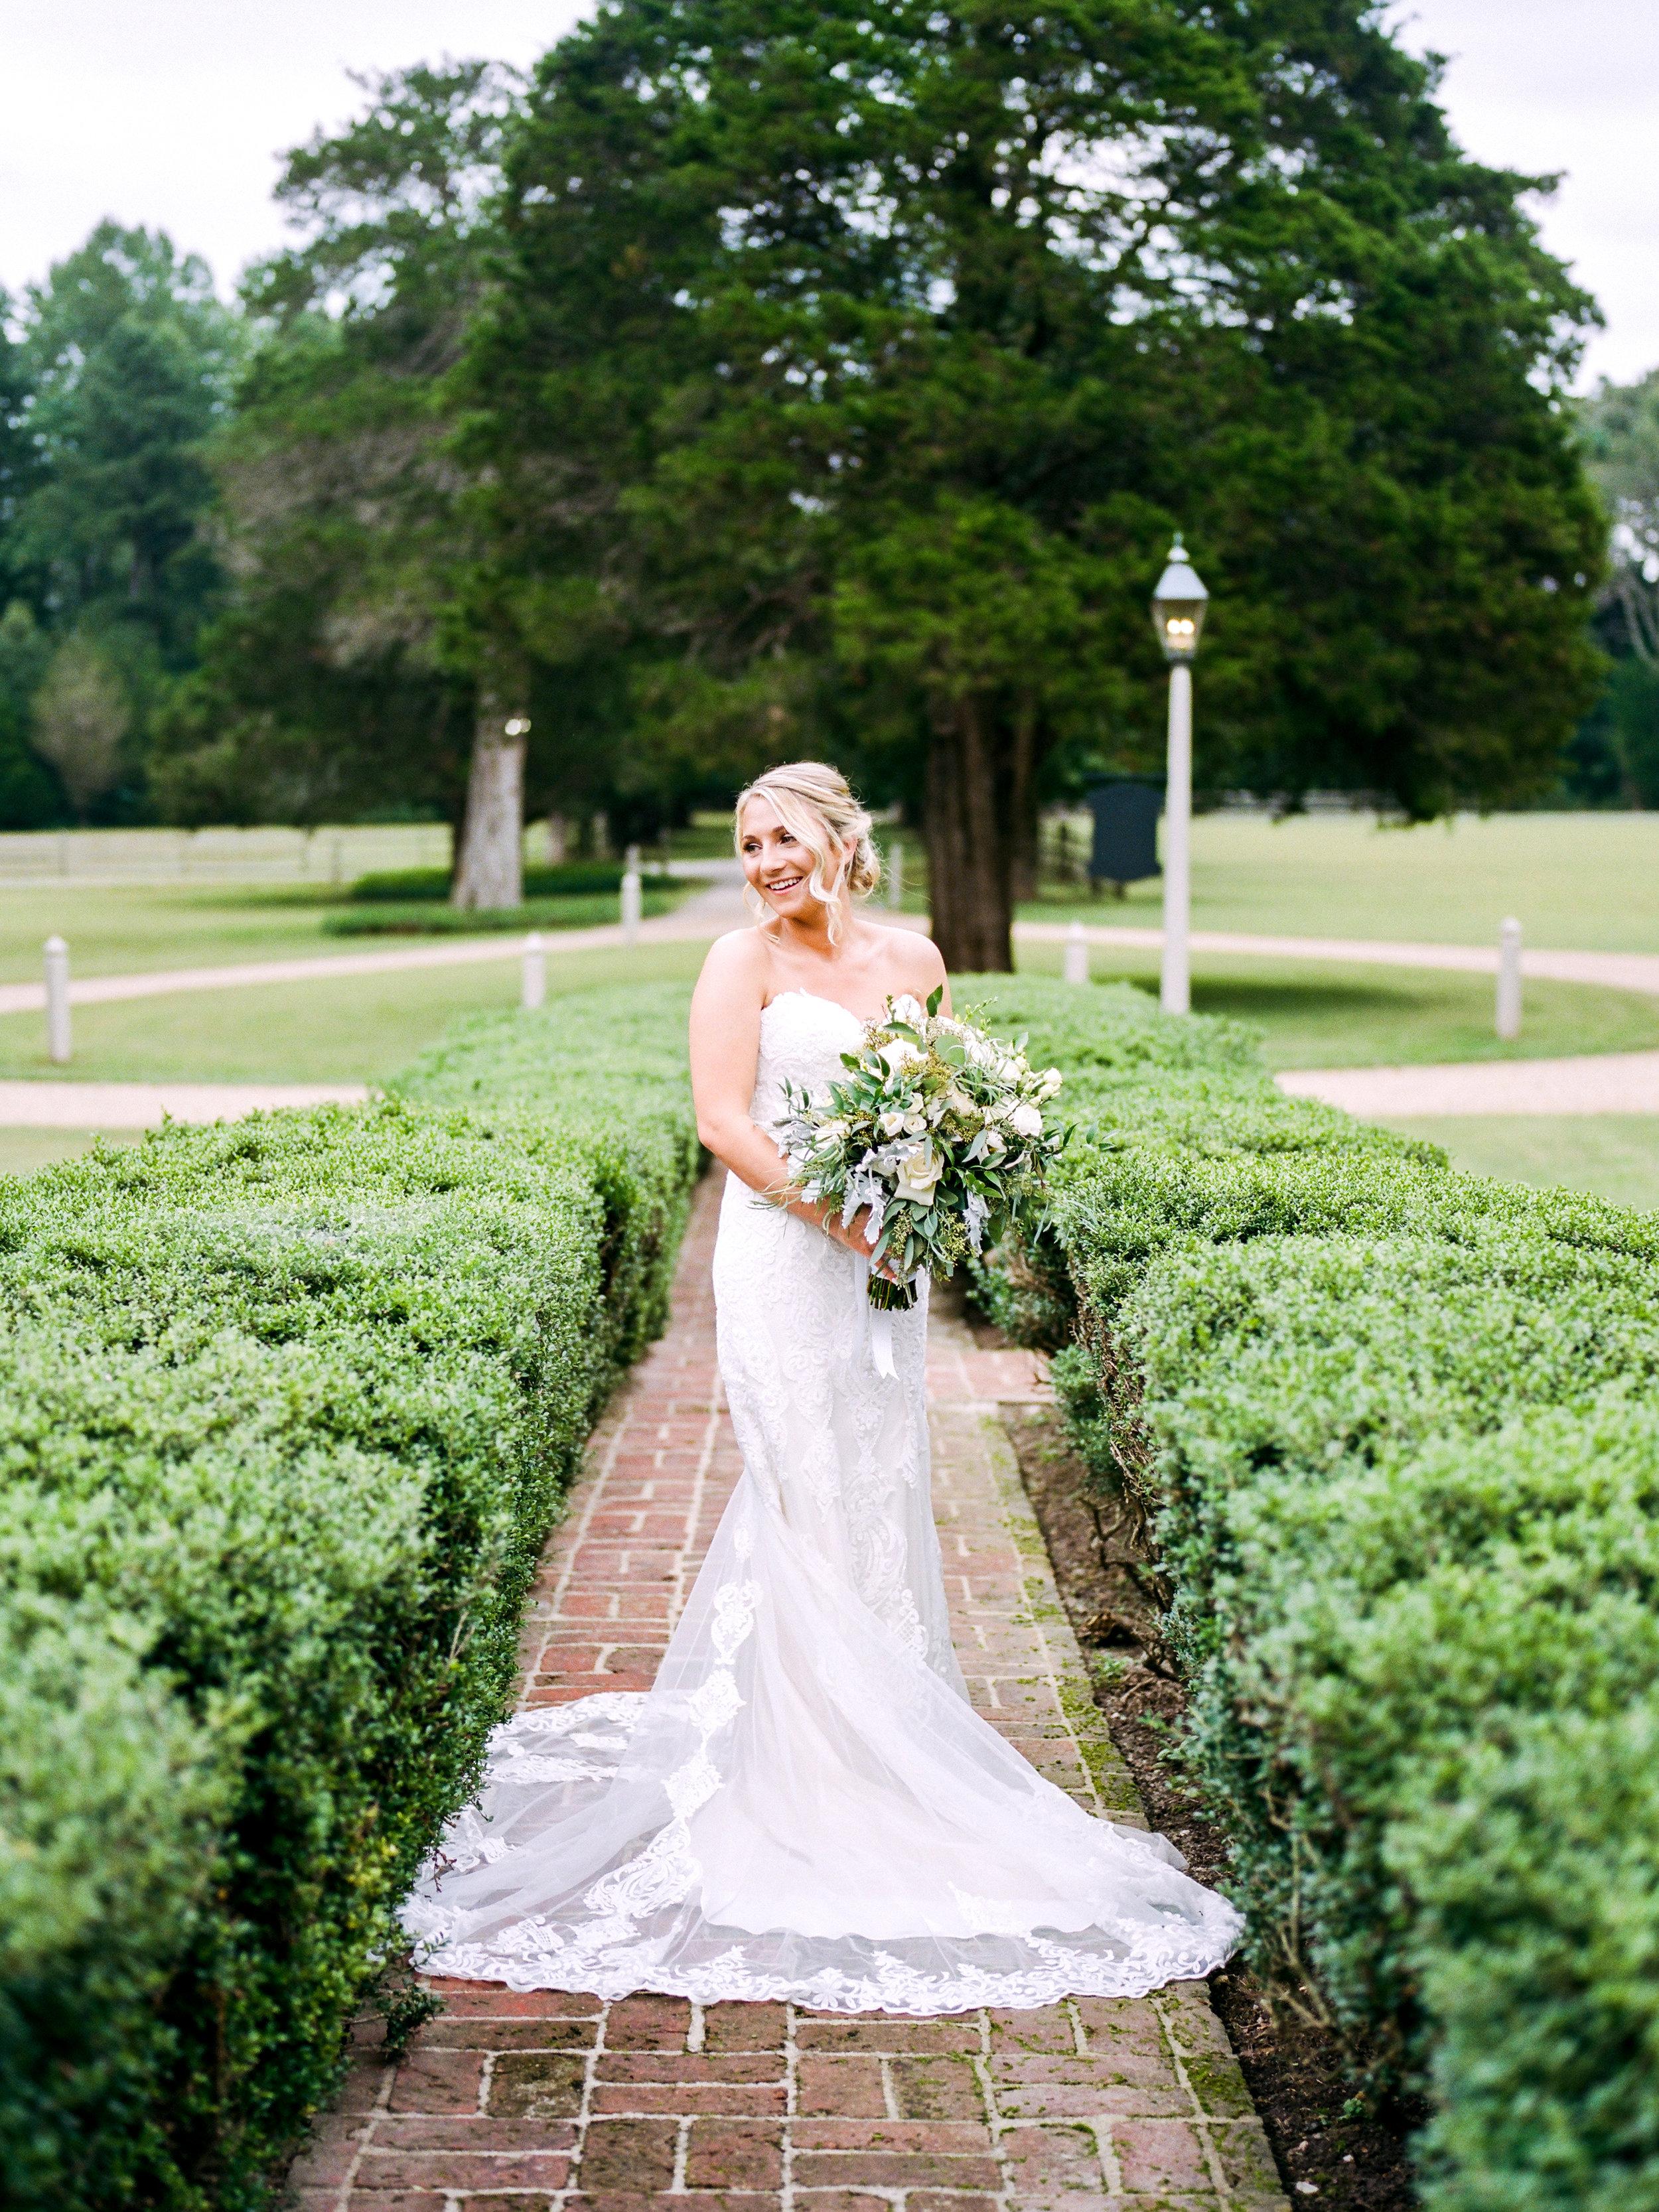 MeganMichael_BrideGroom_AmyNicolePhotography012.jpg